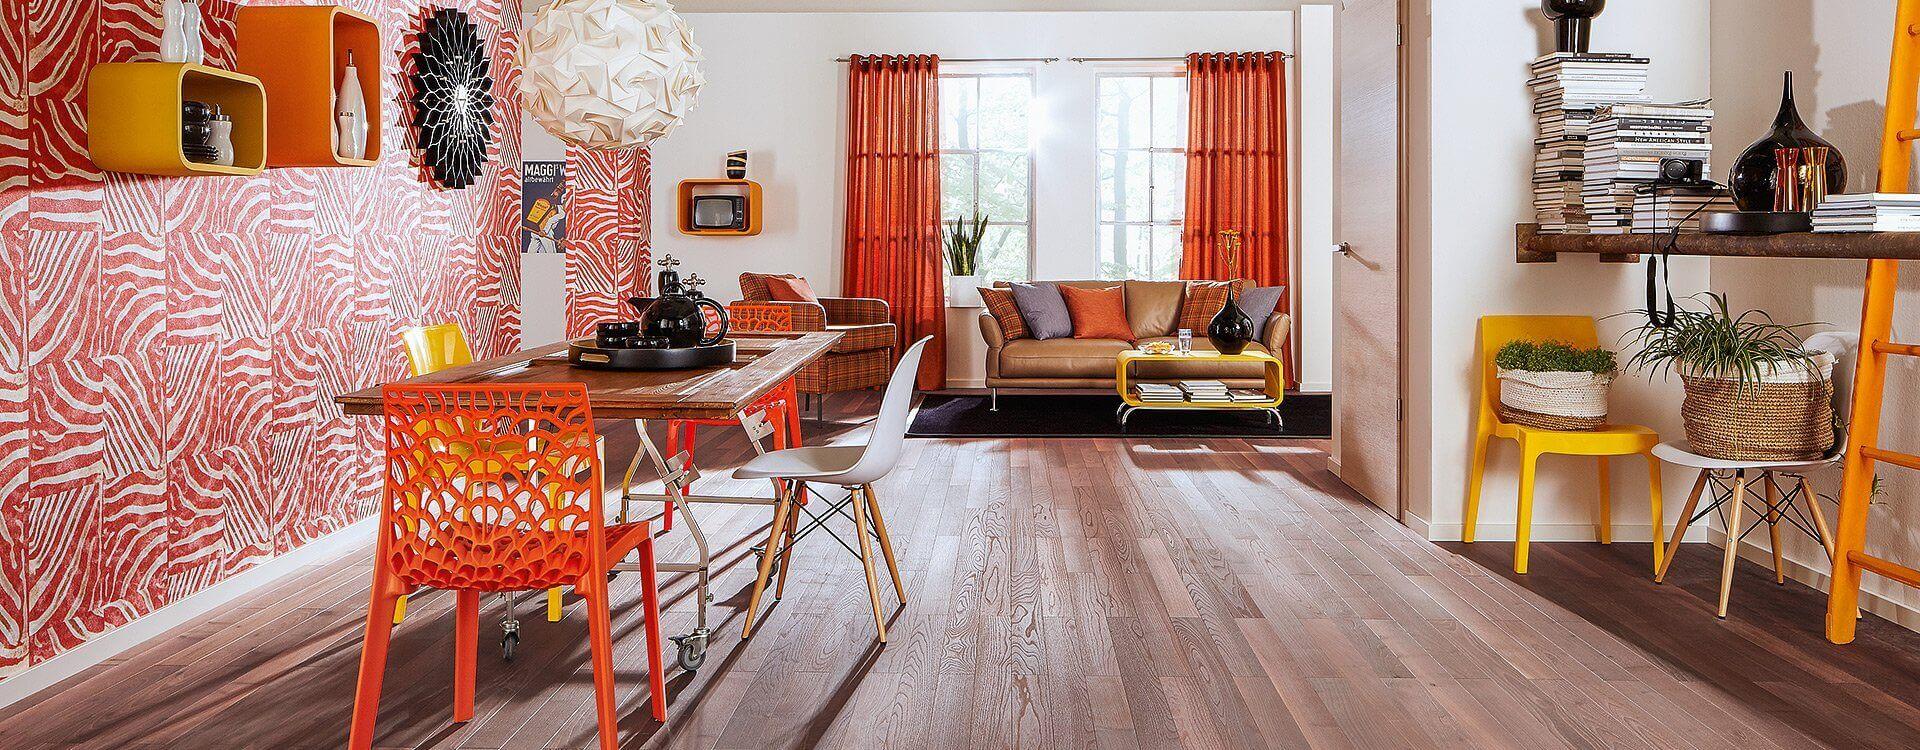 kristian s bodenbel ge die bodenexperten aus bad s ckingen f r den hochrhein die schweiz. Black Bedroom Furniture Sets. Home Design Ideas